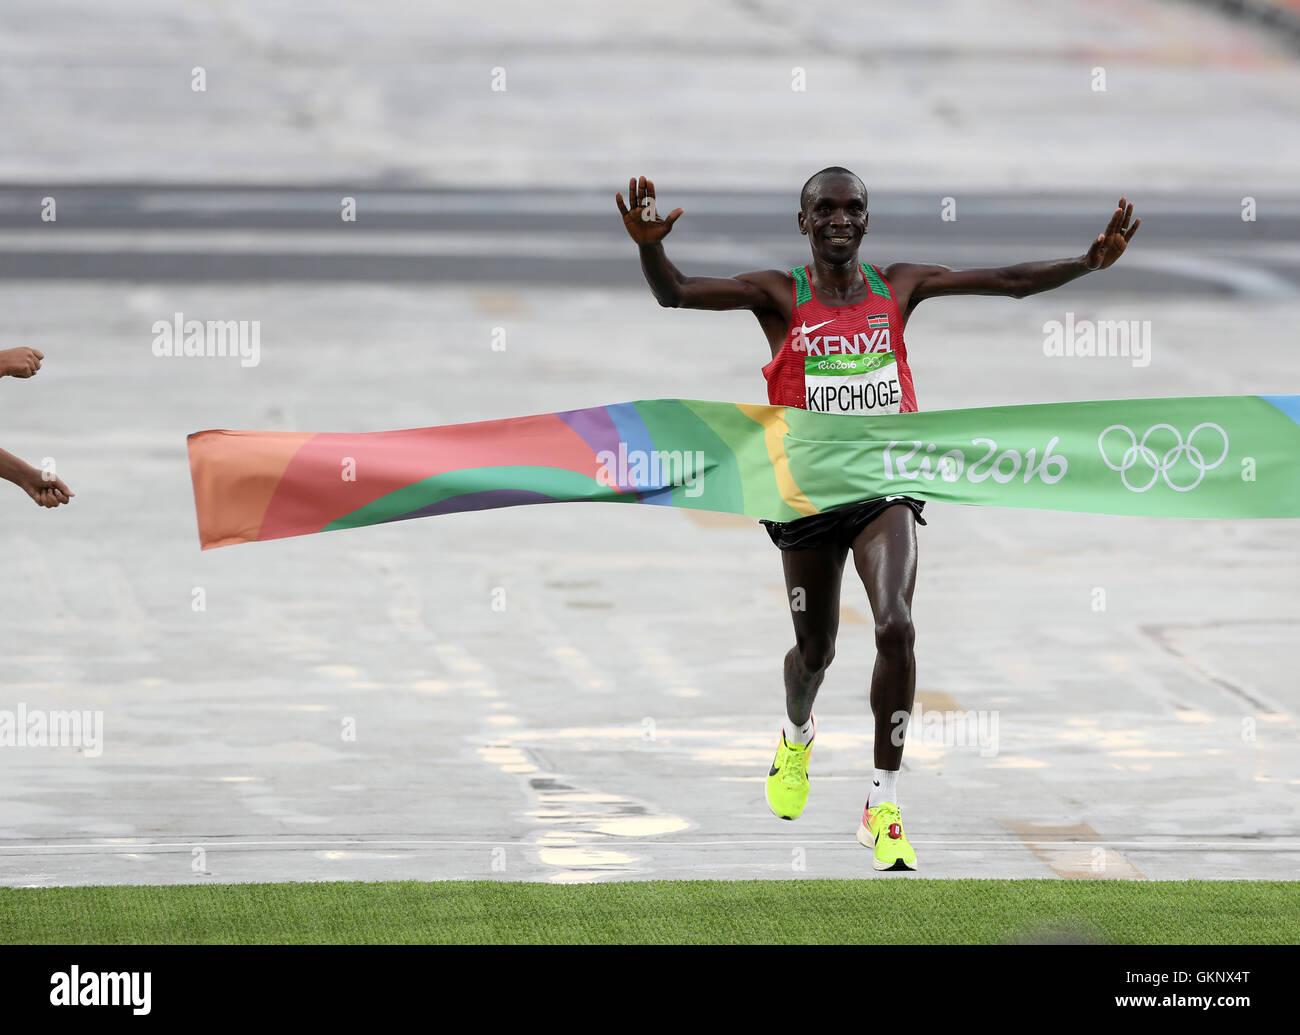 Eliud Kipchoge Olympics Immagini e Fotos Stock Alamy